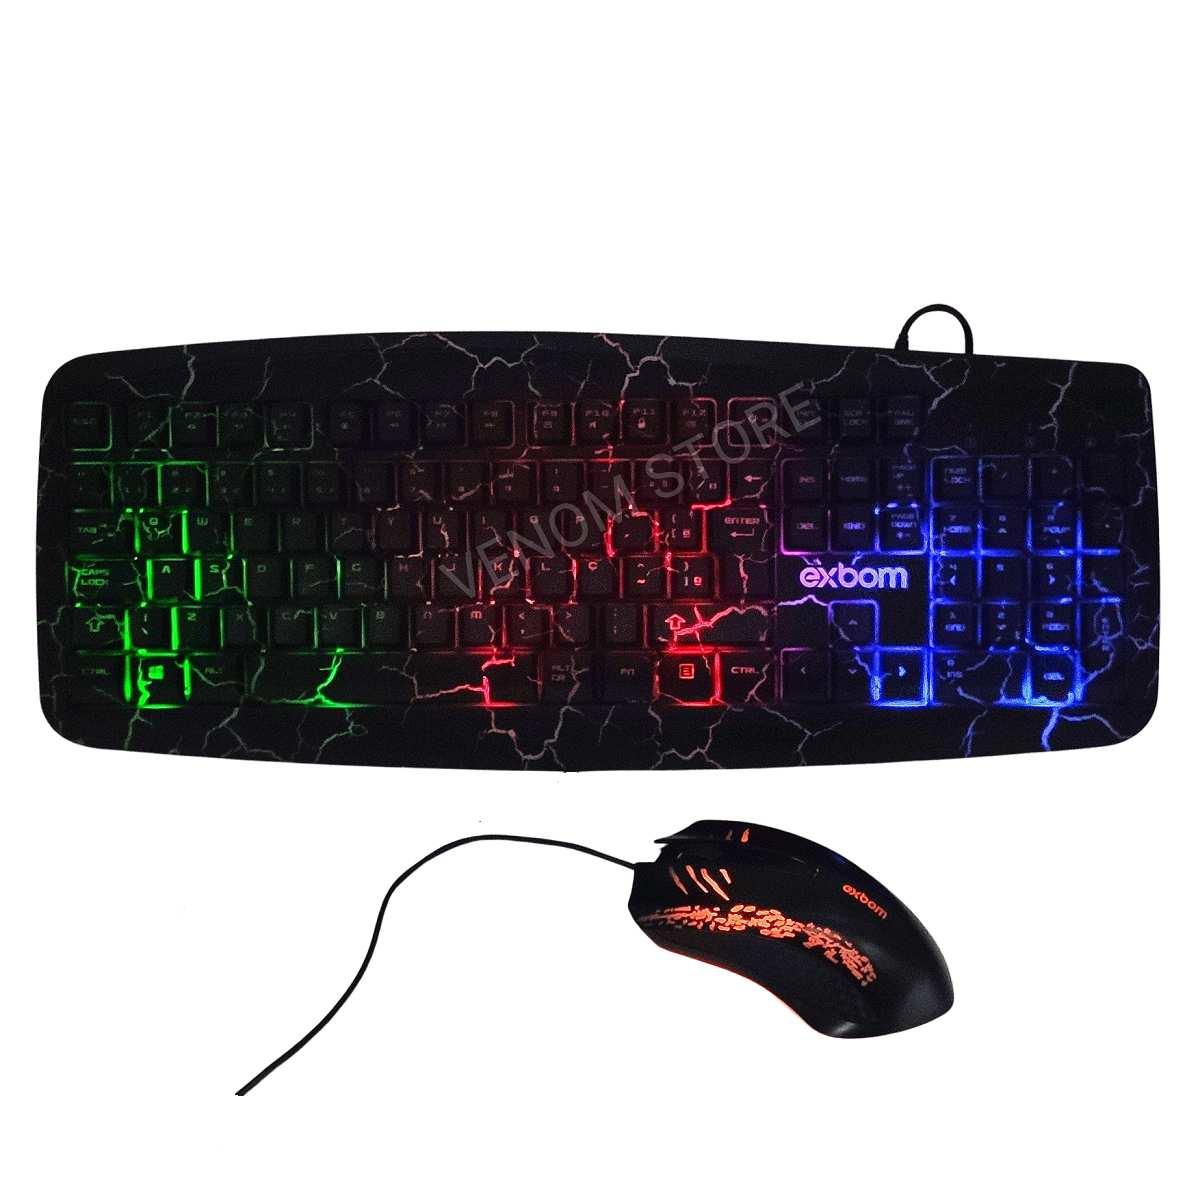 Teclado e Mouse Gamer Exbom BK-G600